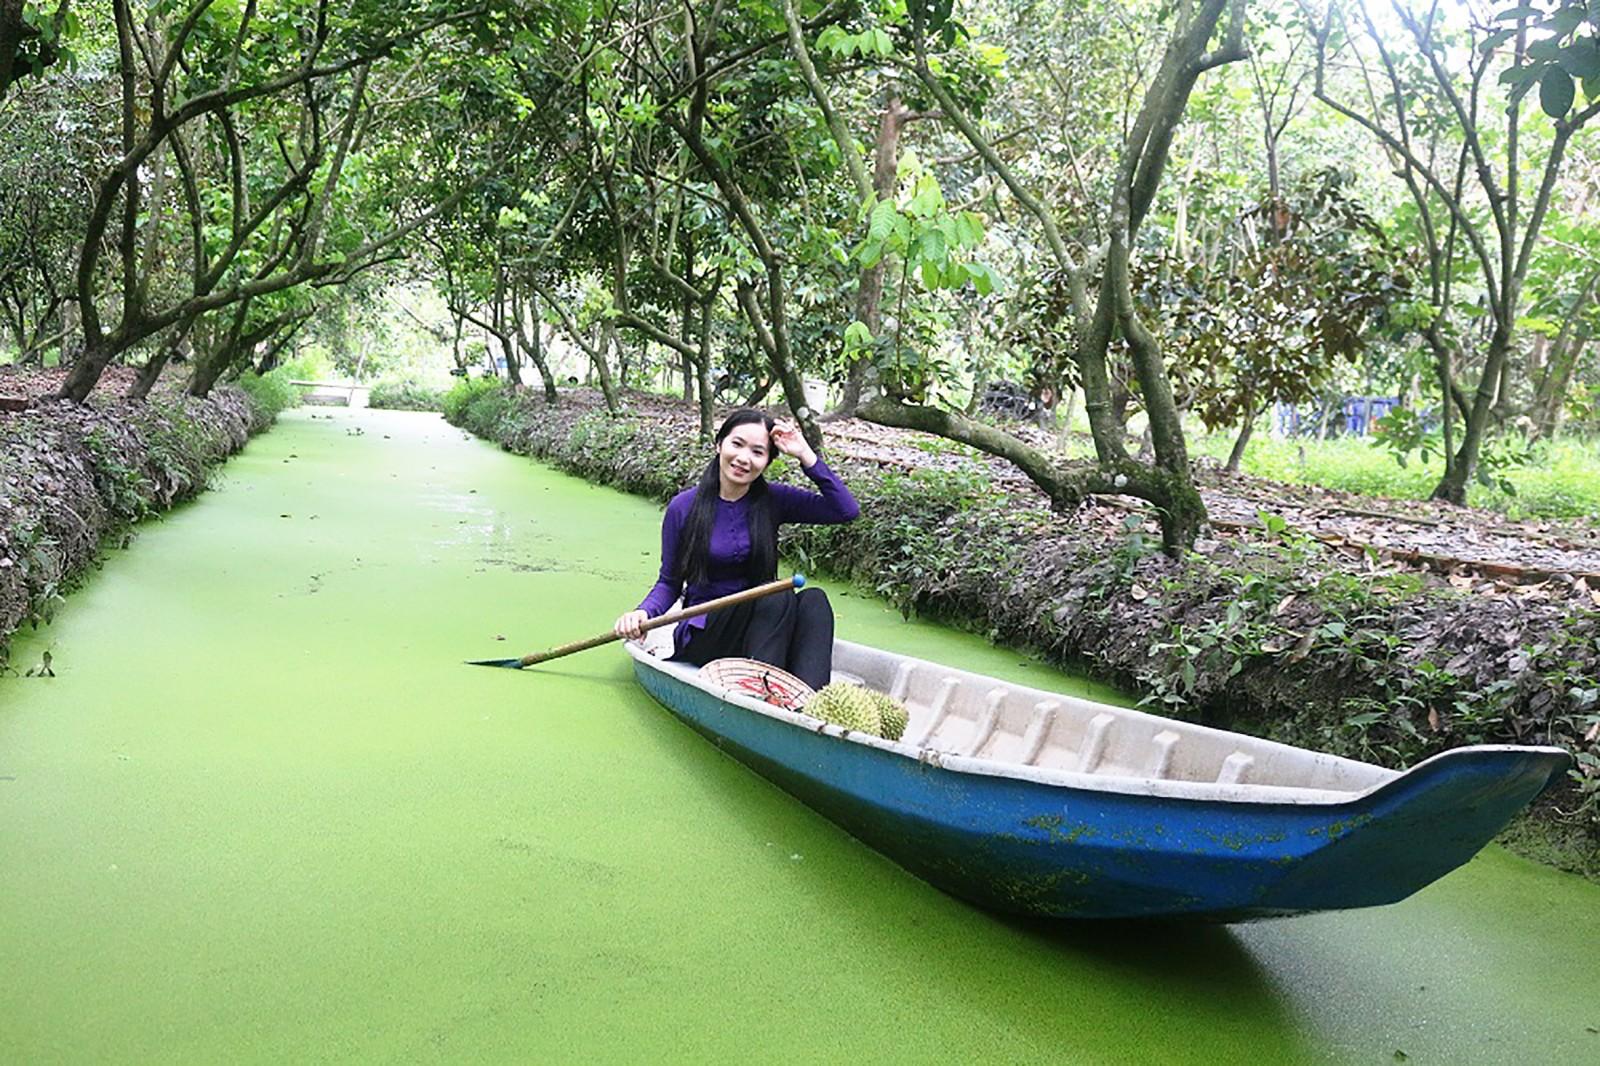 Sản phẩm du lịch sông nước đang được ngành du lịch thành phố quan tâm xây dựng và khai thác. Trong ảnh: Bơi xuồng hái trái ở điểm vườn Phong Điền. Ảnh: K.M